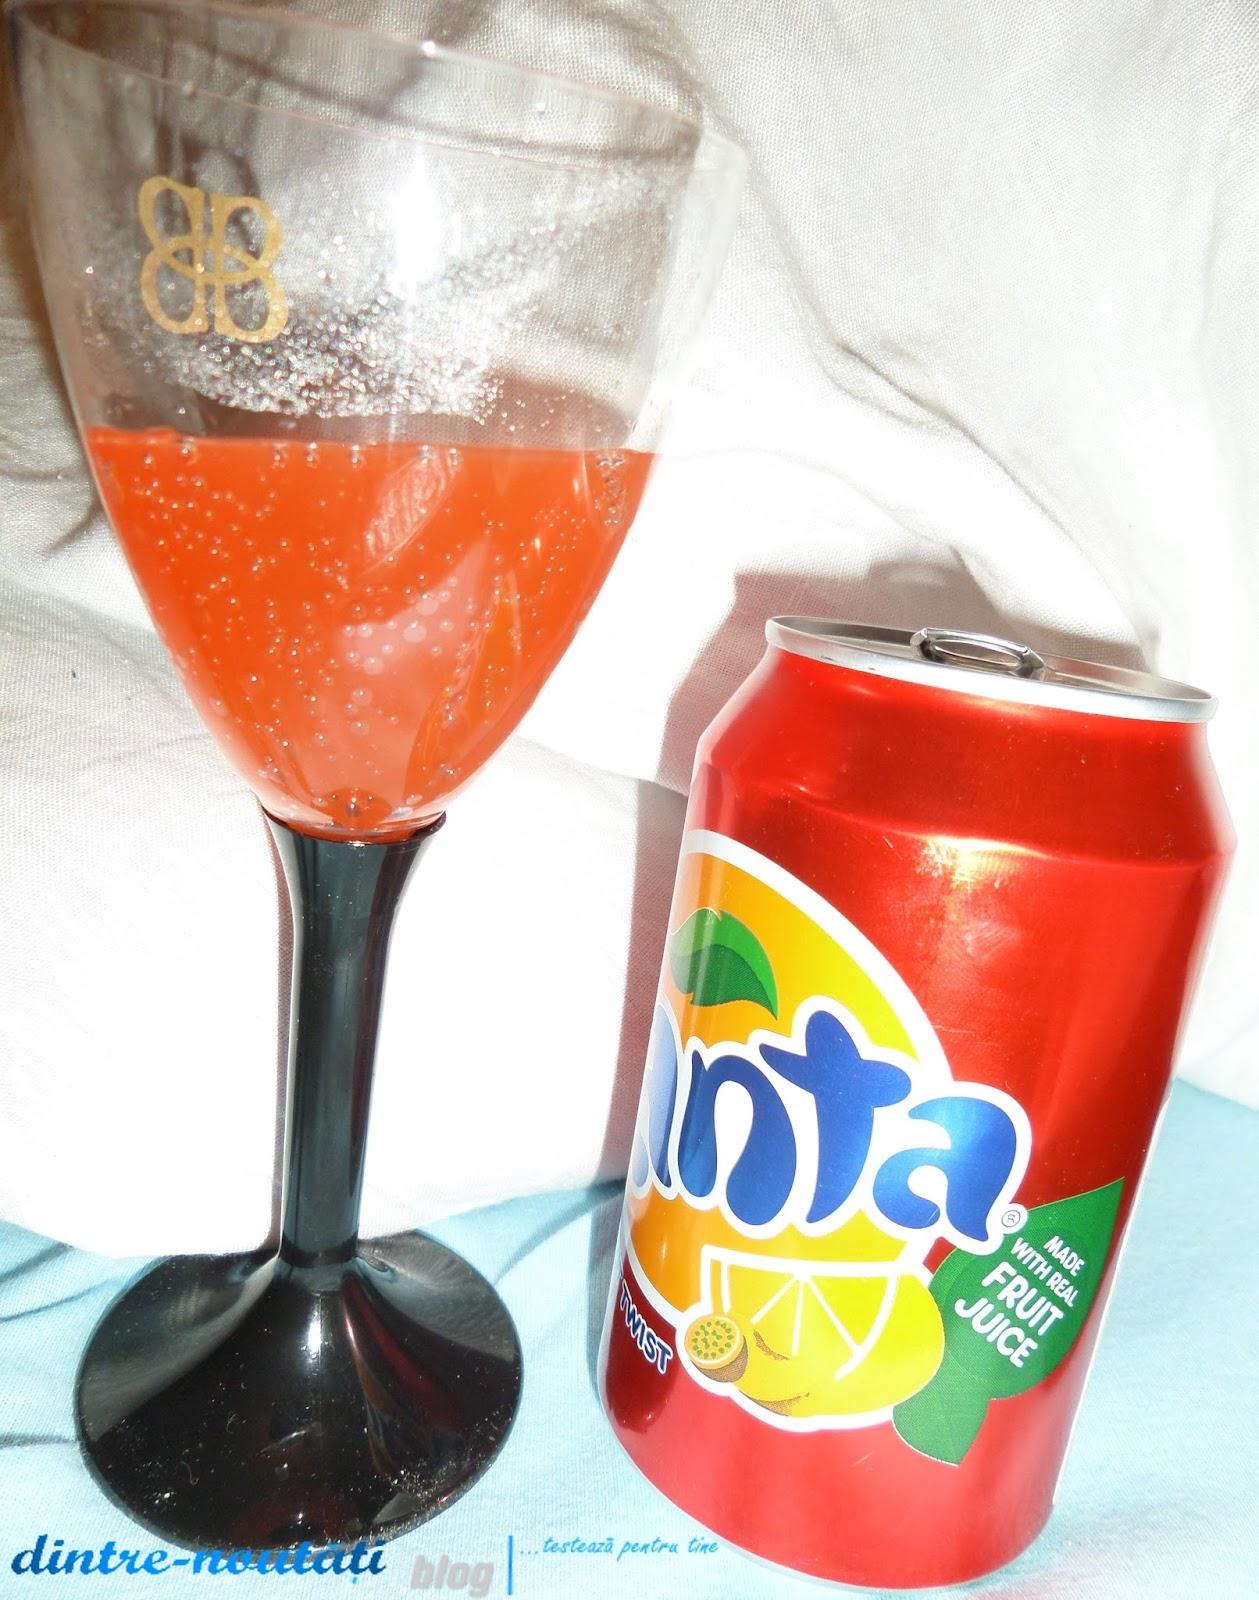 Băutură răcoritoare carbogazoasă cu suc de fructe obținut din concentrat, zahăr și îndulcitori